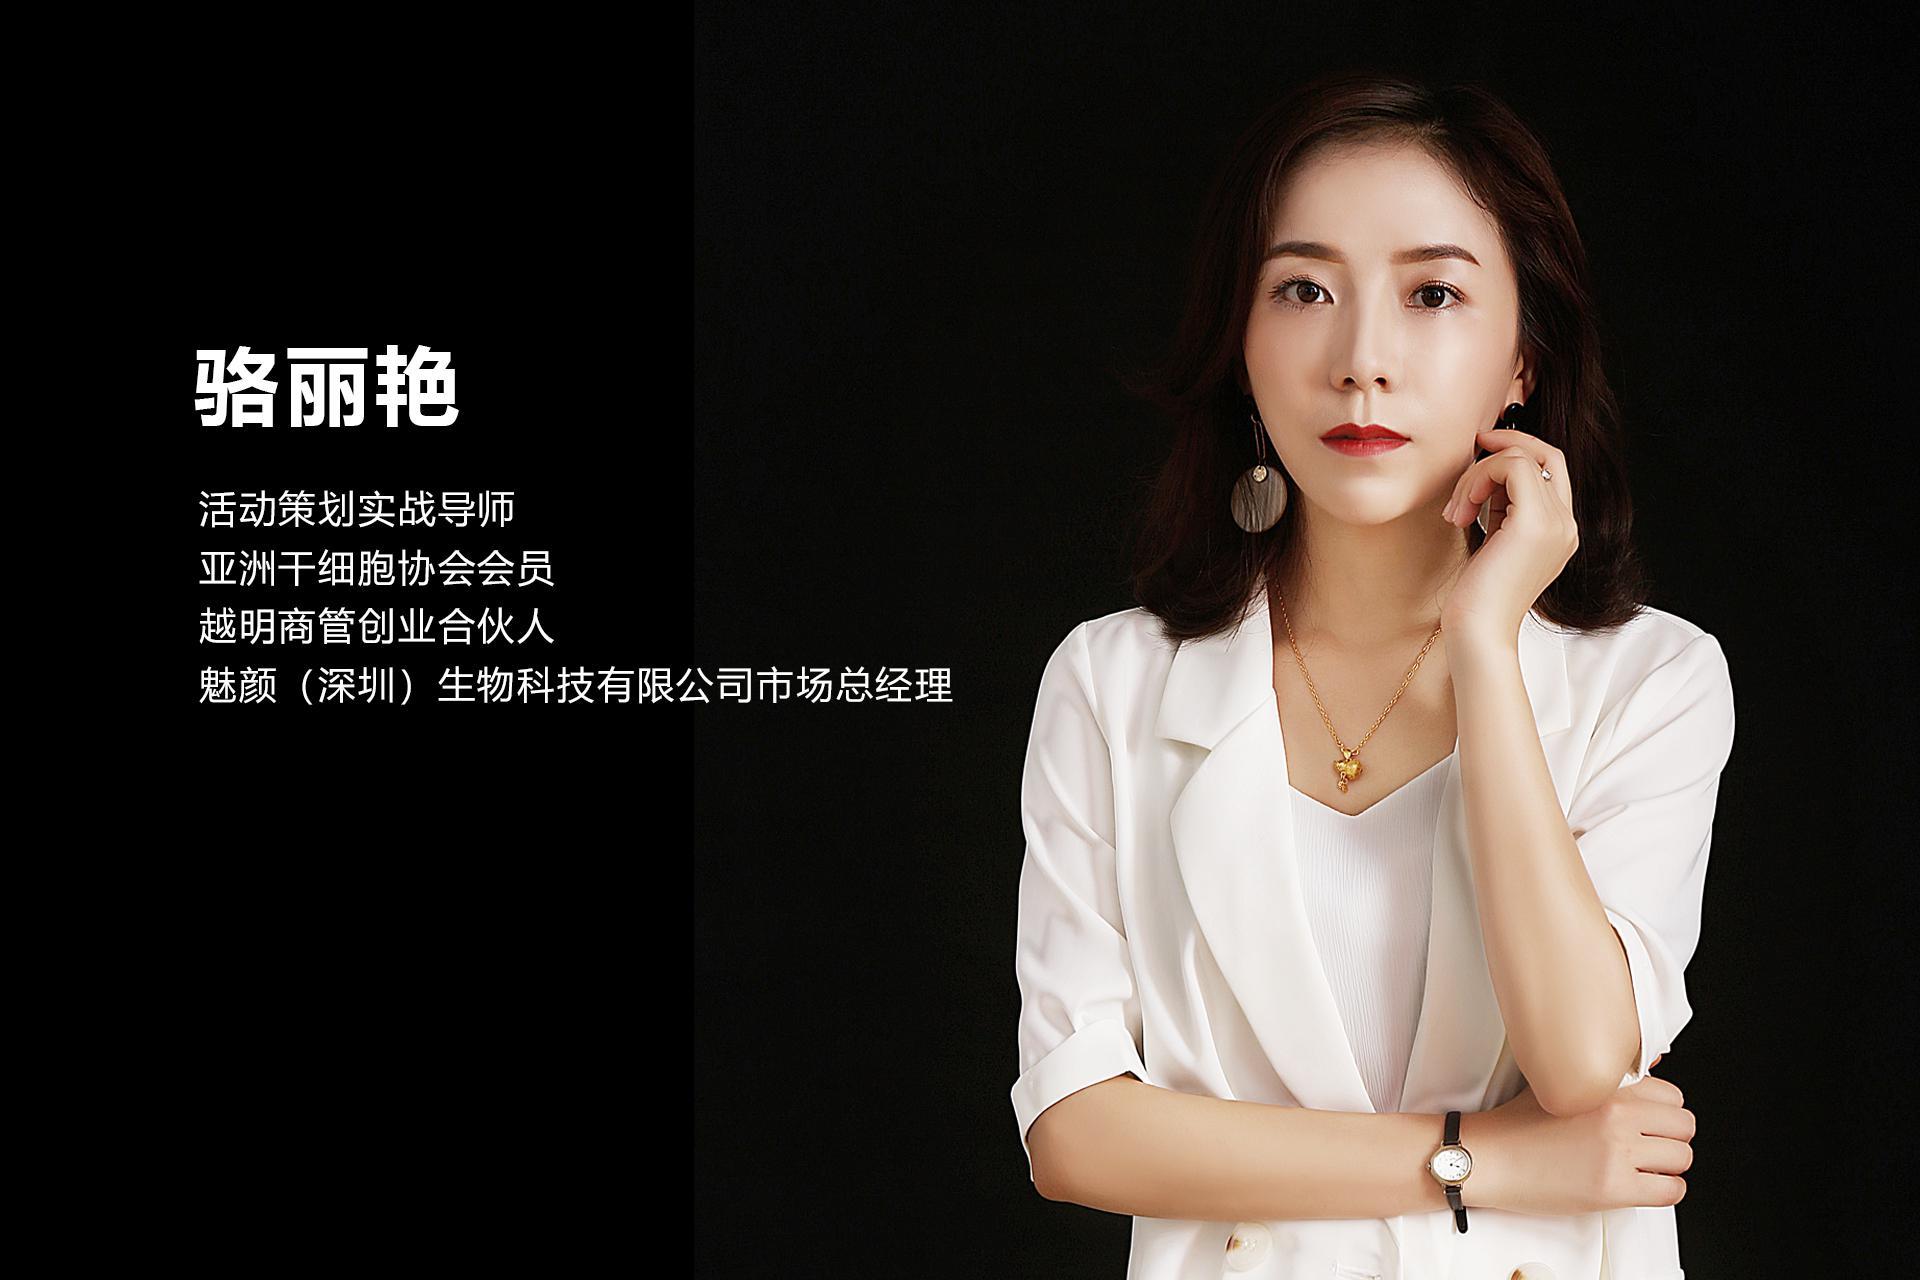 骆丽艳携手魅颜深圳生物科技有限公司开启逆龄抗衰新时代